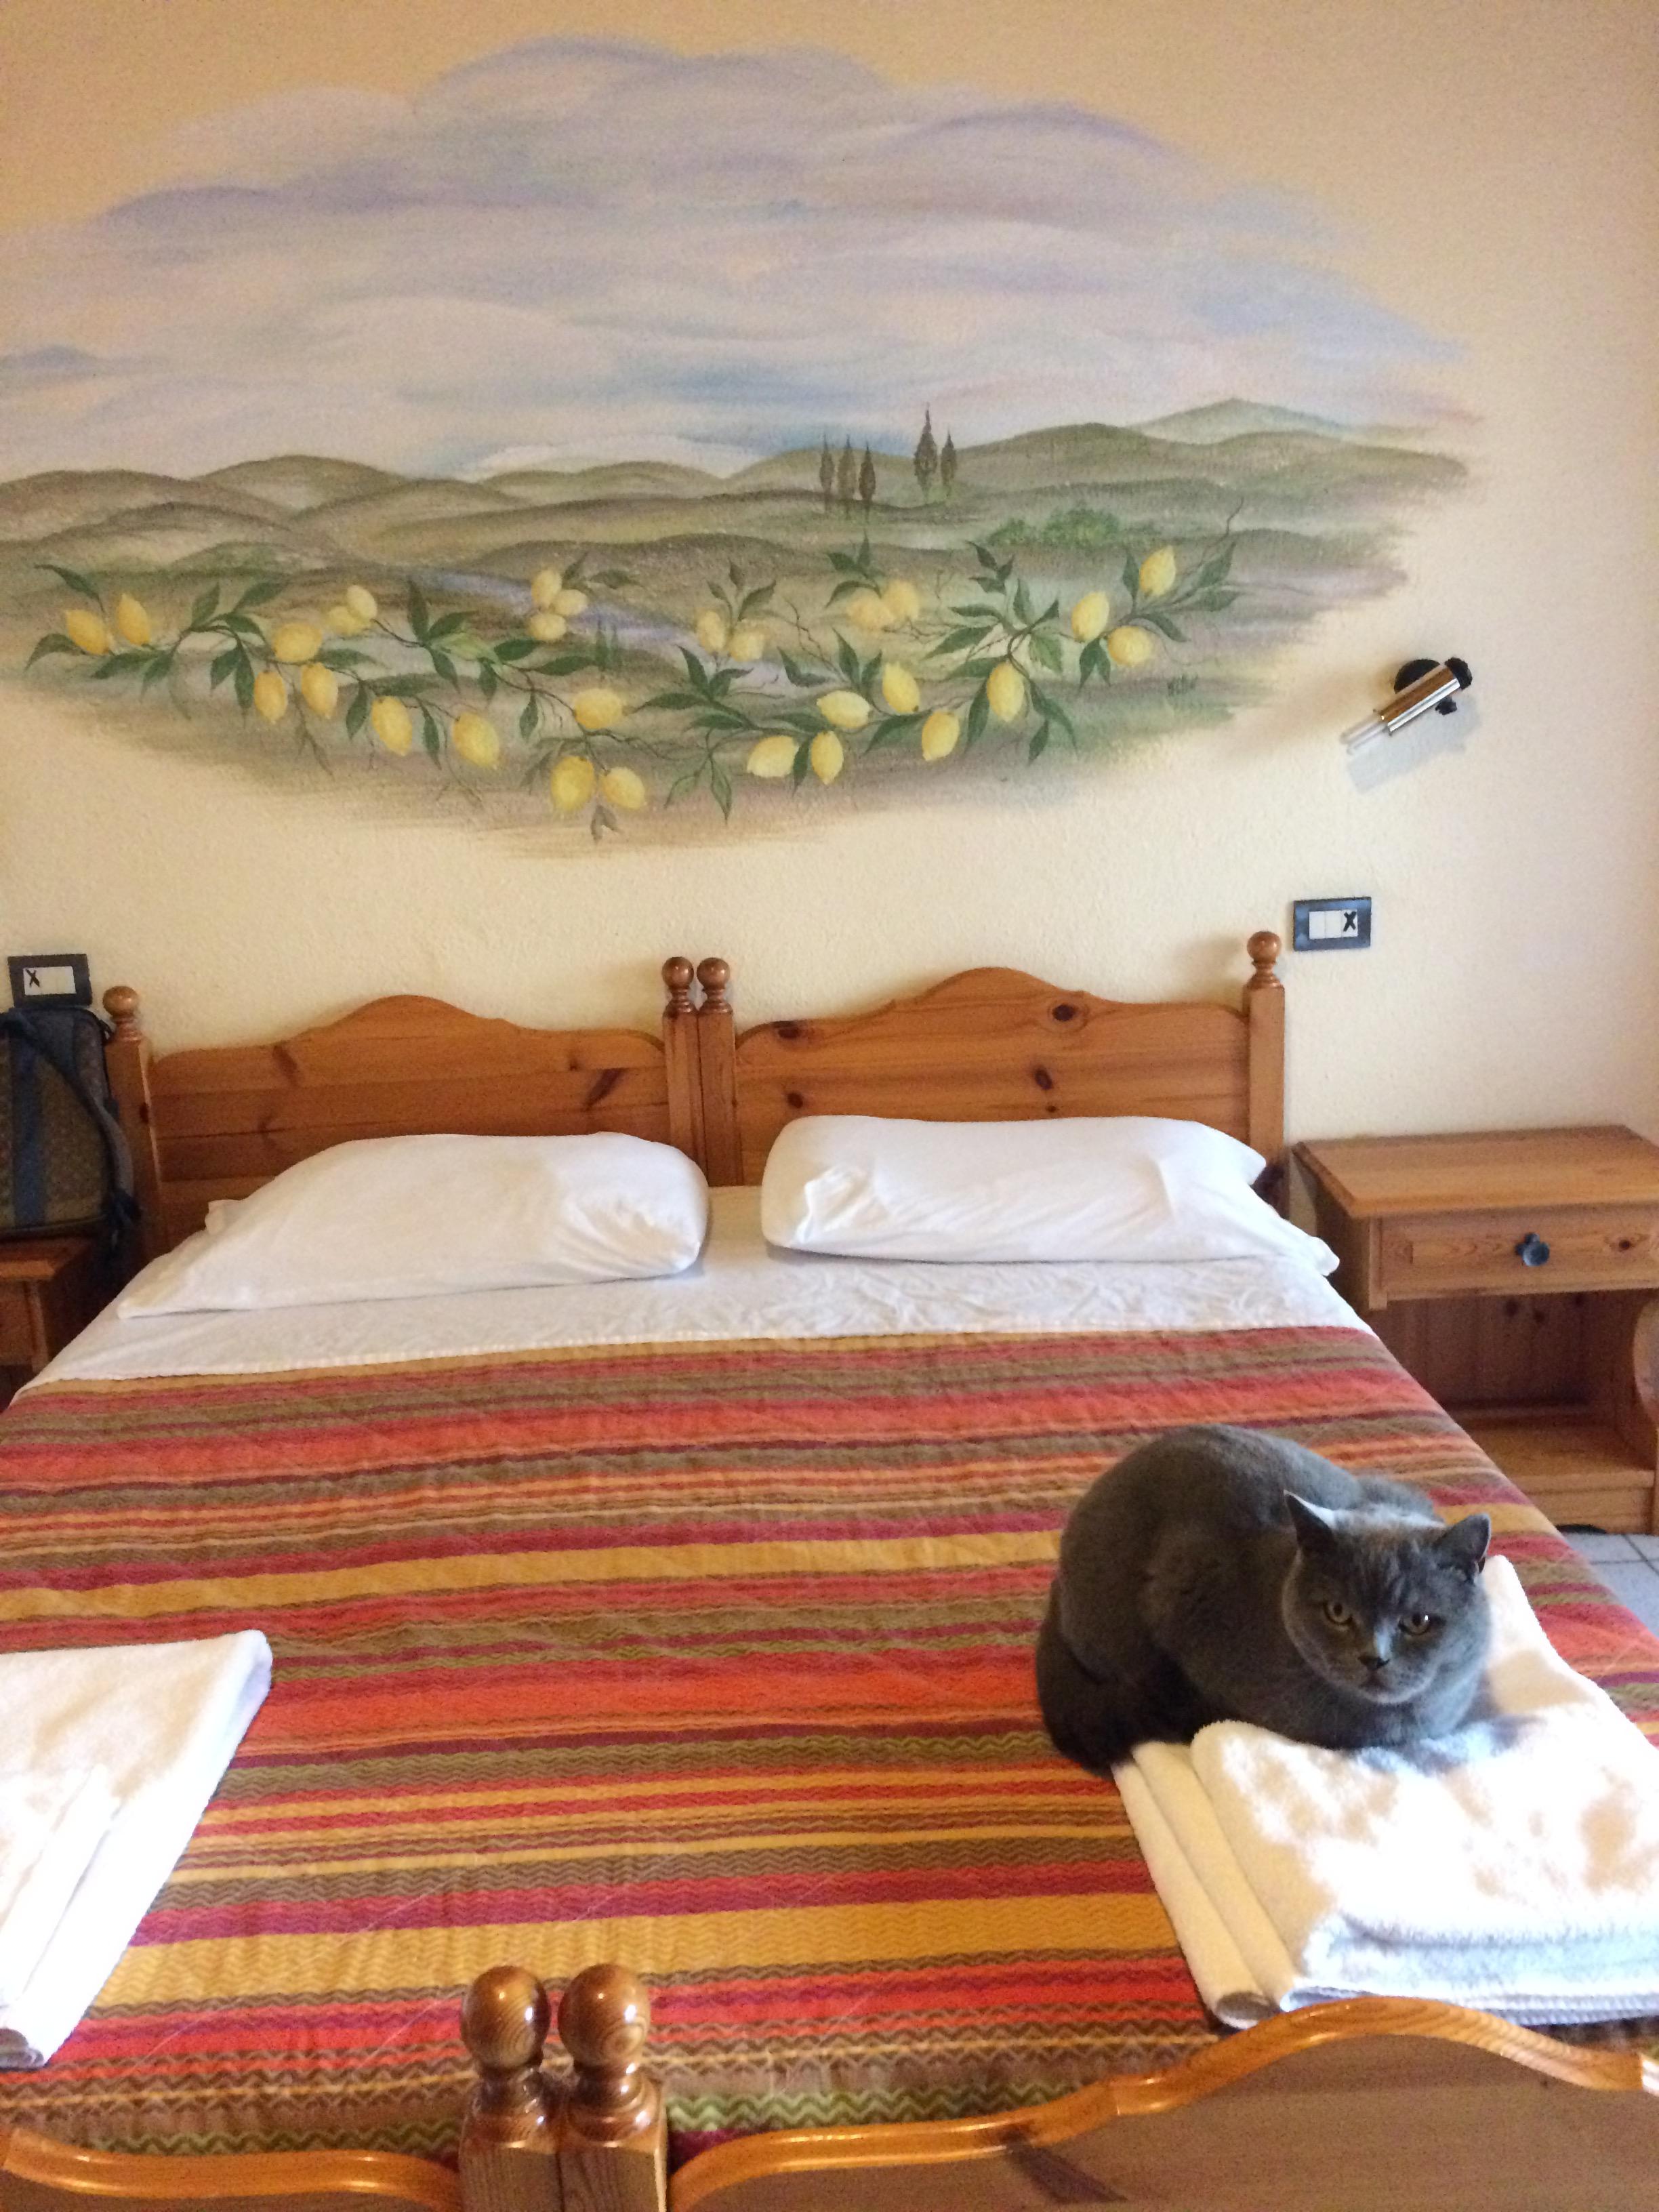 scuderia-castello-room-w-cat.JPG